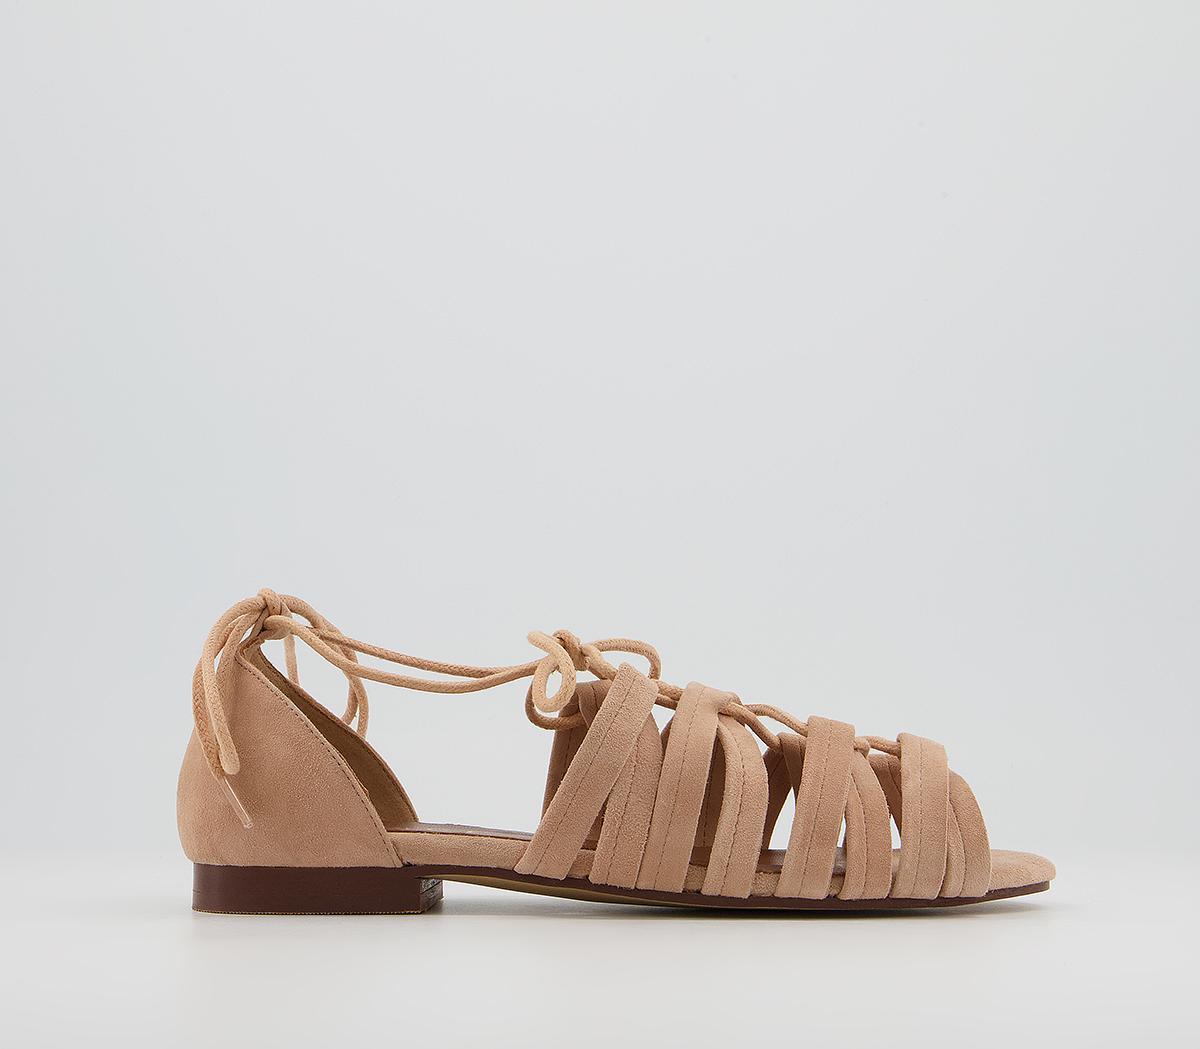 Saara Tie Up Sandals